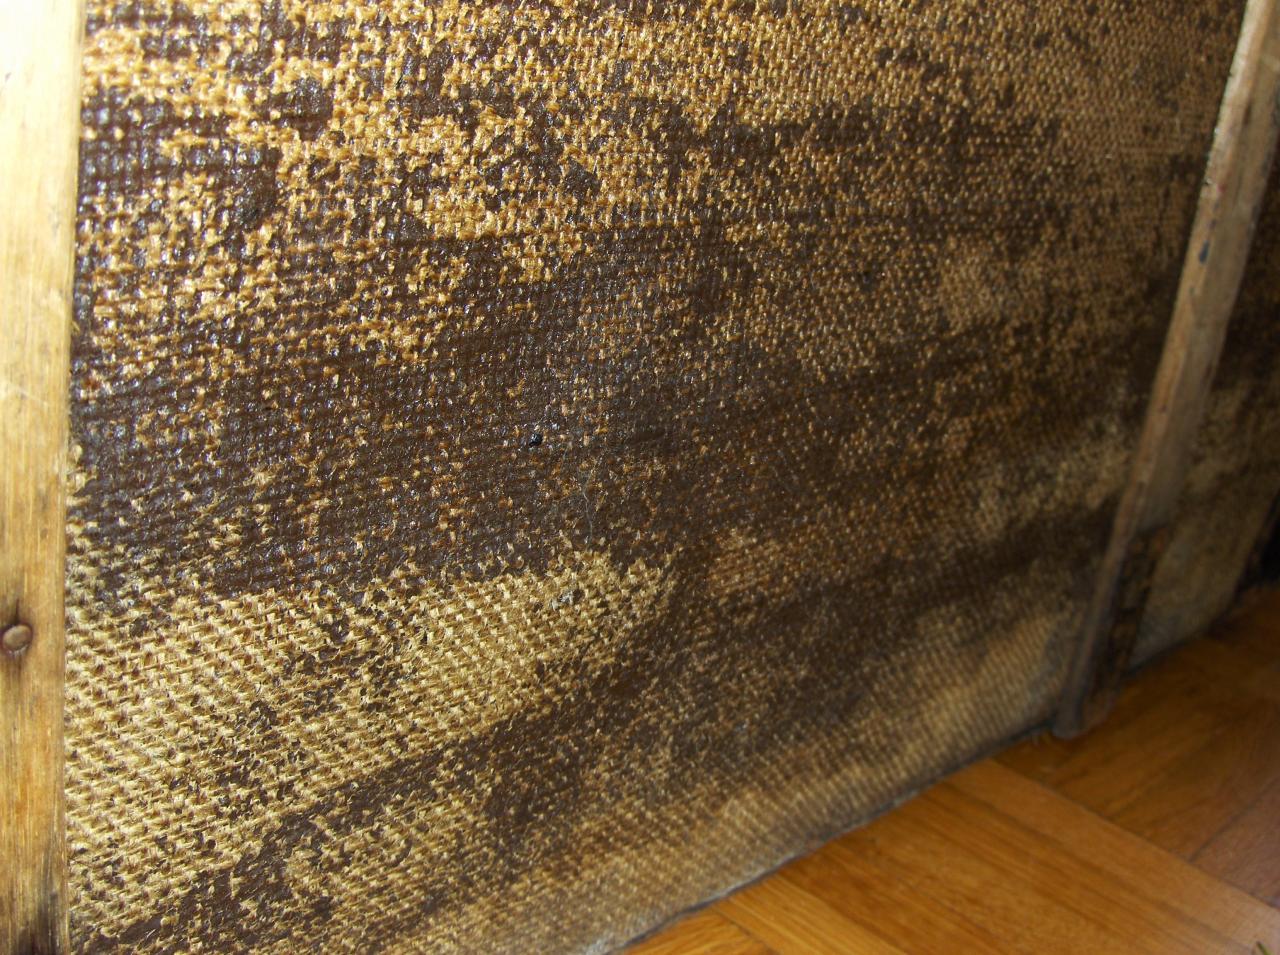 R novation d 39 une ancienne malle en bois for Malle exterieur